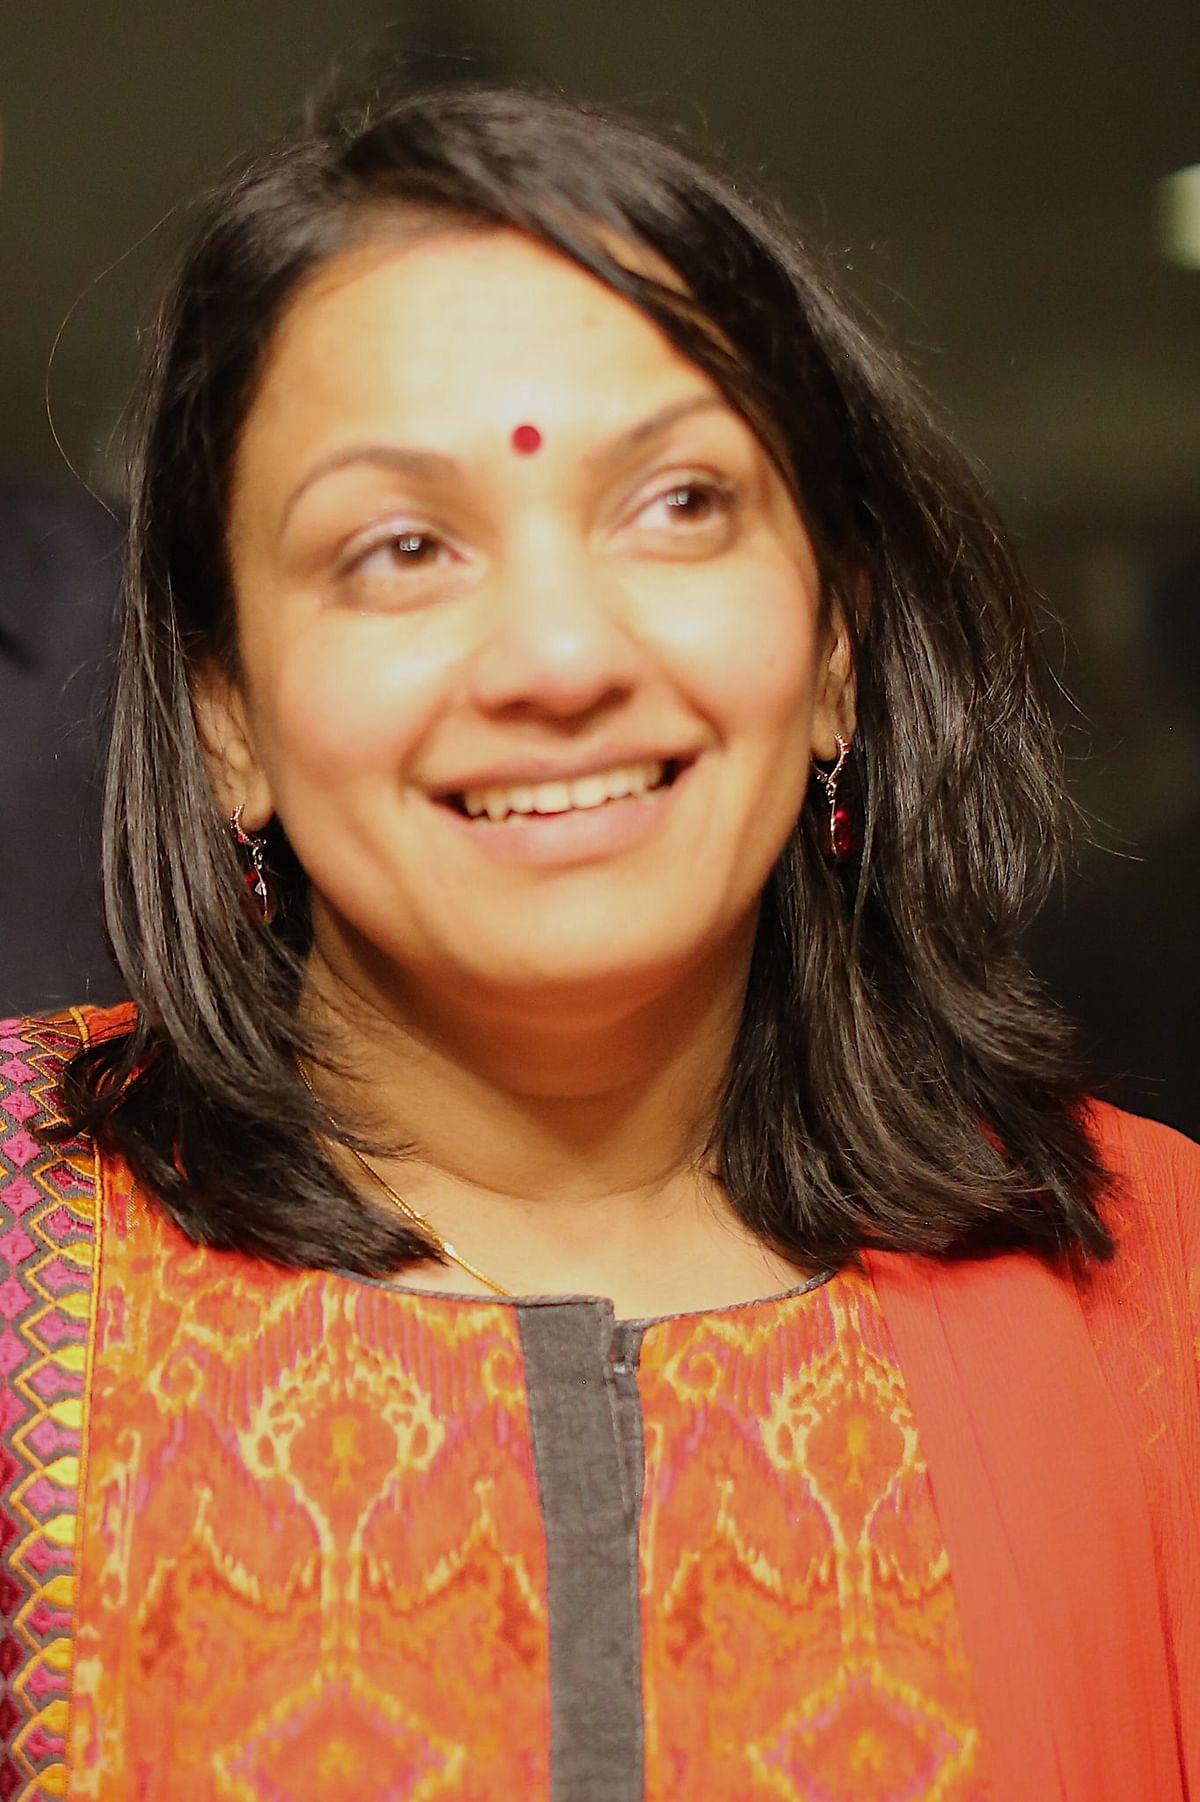 மருத்துவர் ப்ரியா சம்பத்குமார்